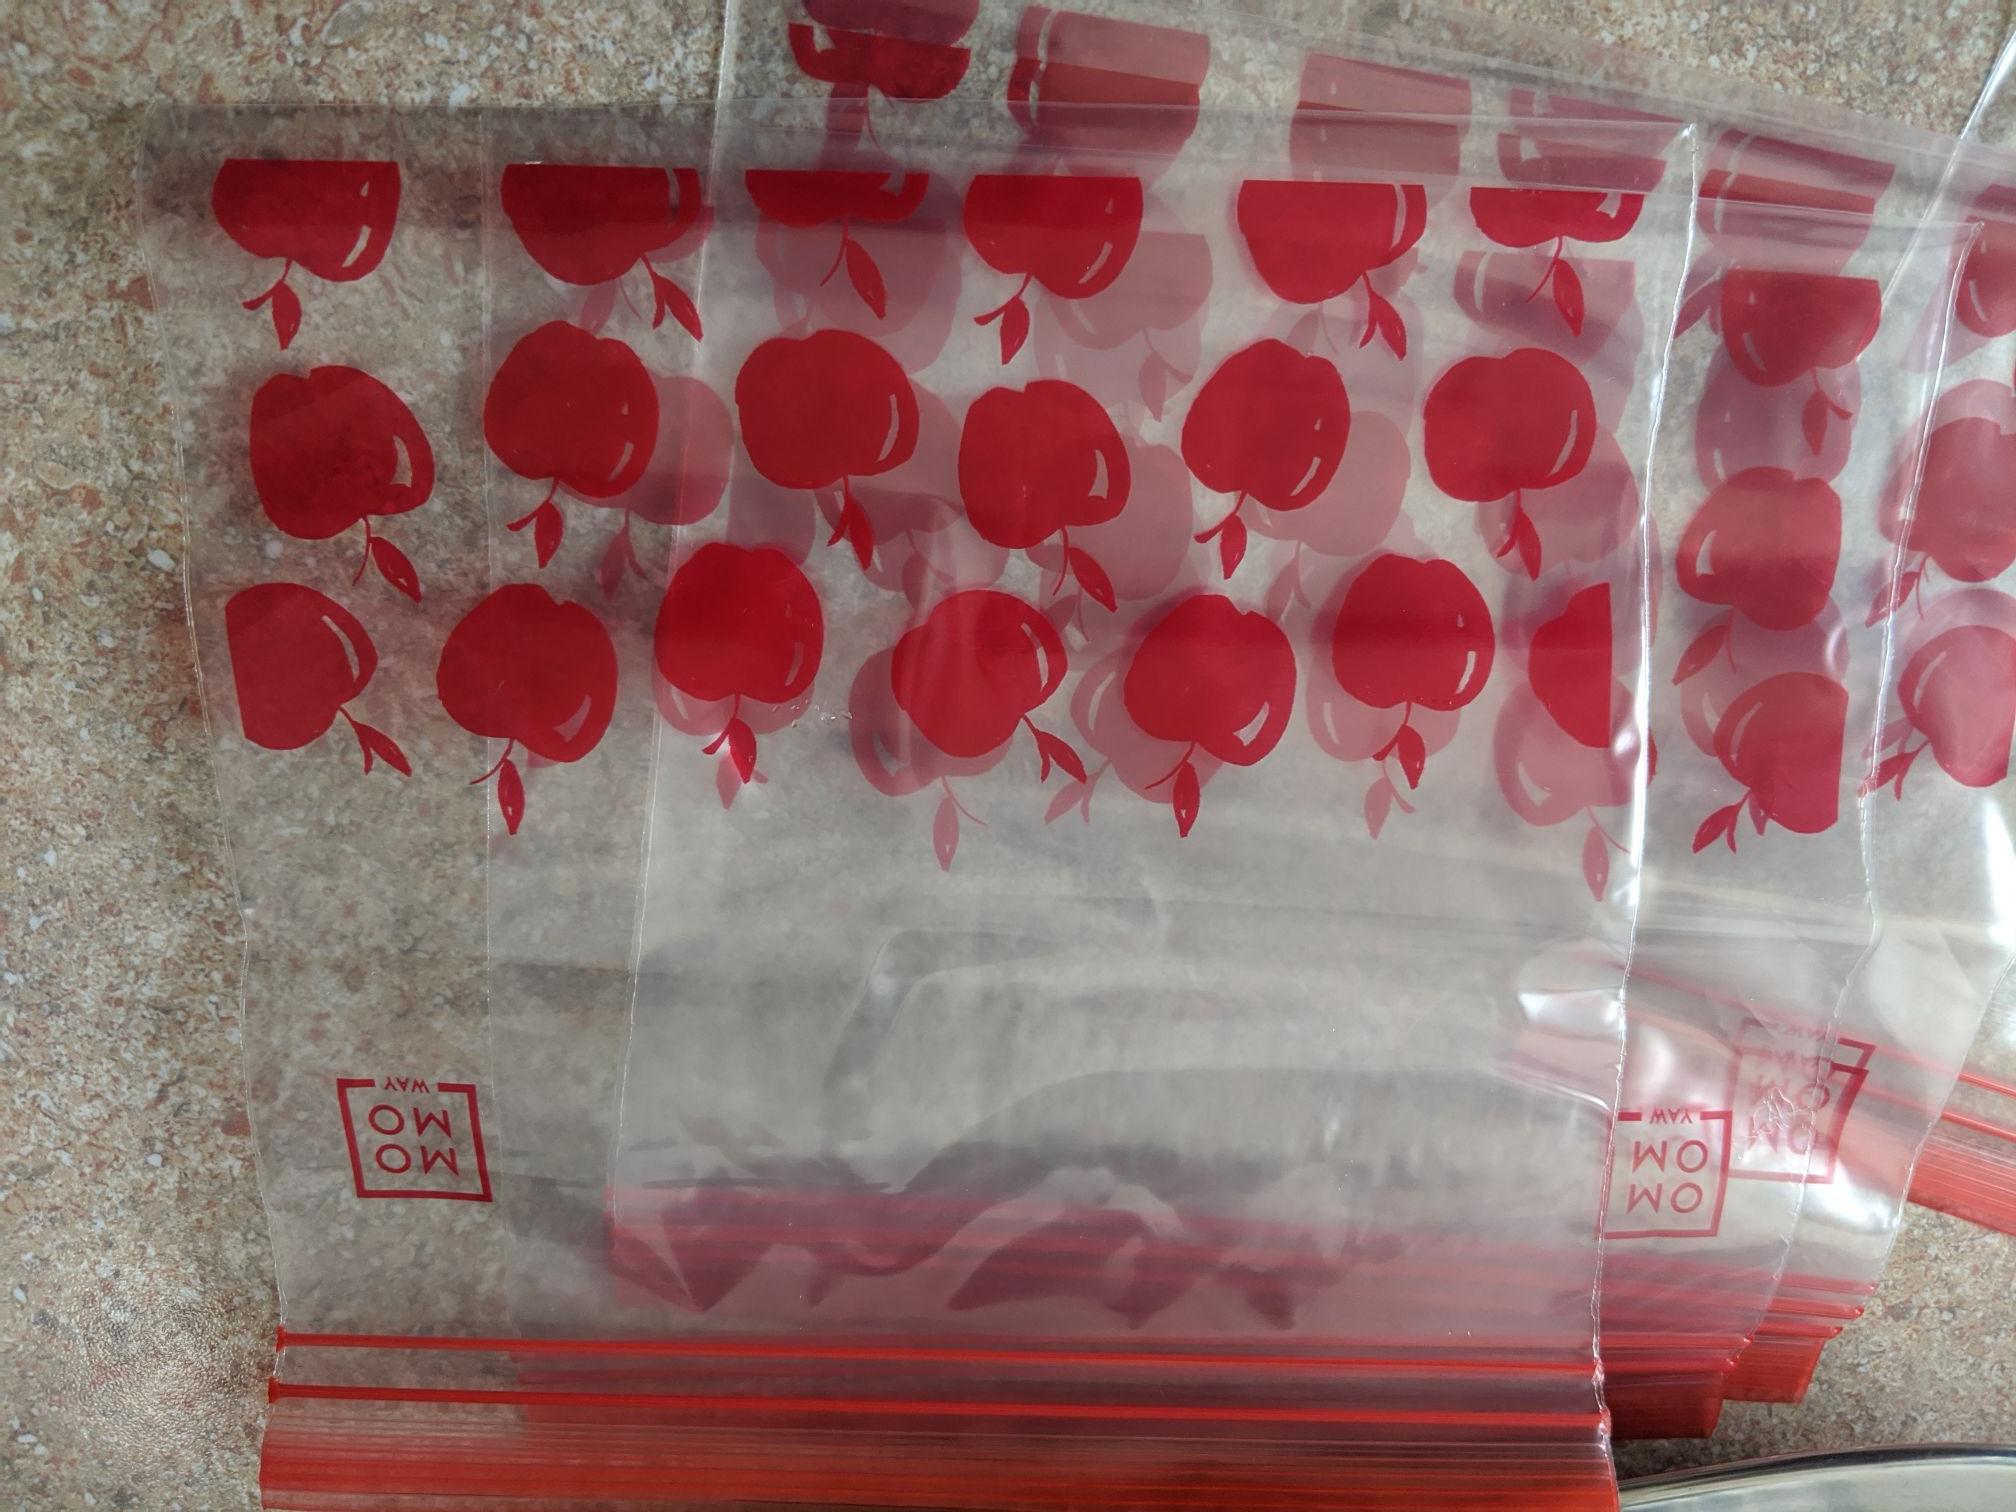 Woreczki strunowe MOMO WAY duże 50szt 2 rozmiary 7.99zł lub małe 60szt 2 rozmiary 5.99zł. Rossmann